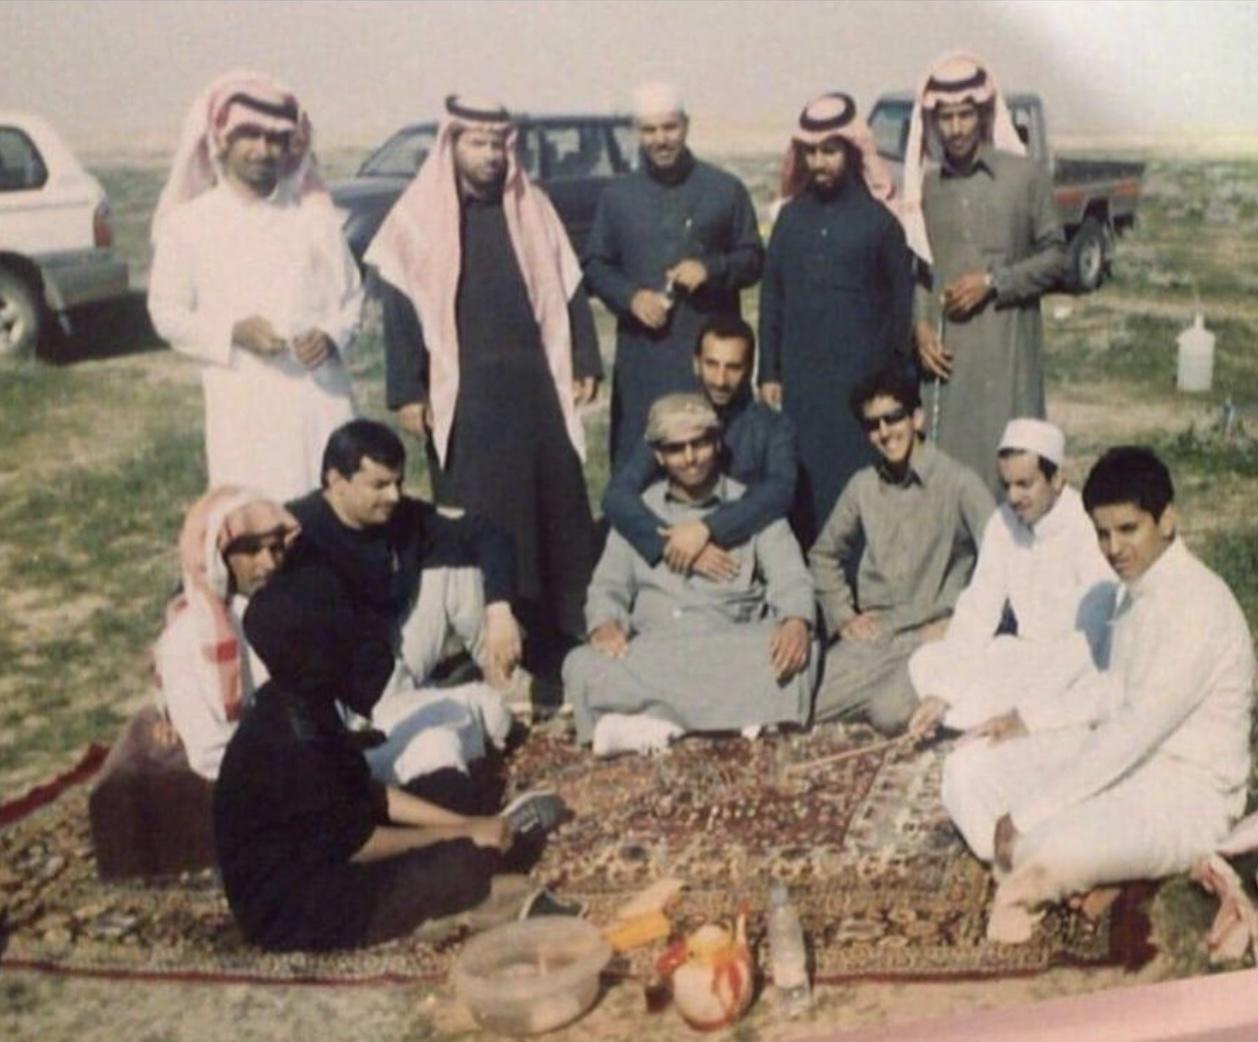 صورة لشباب من رماح قبل حوالي 25 عام